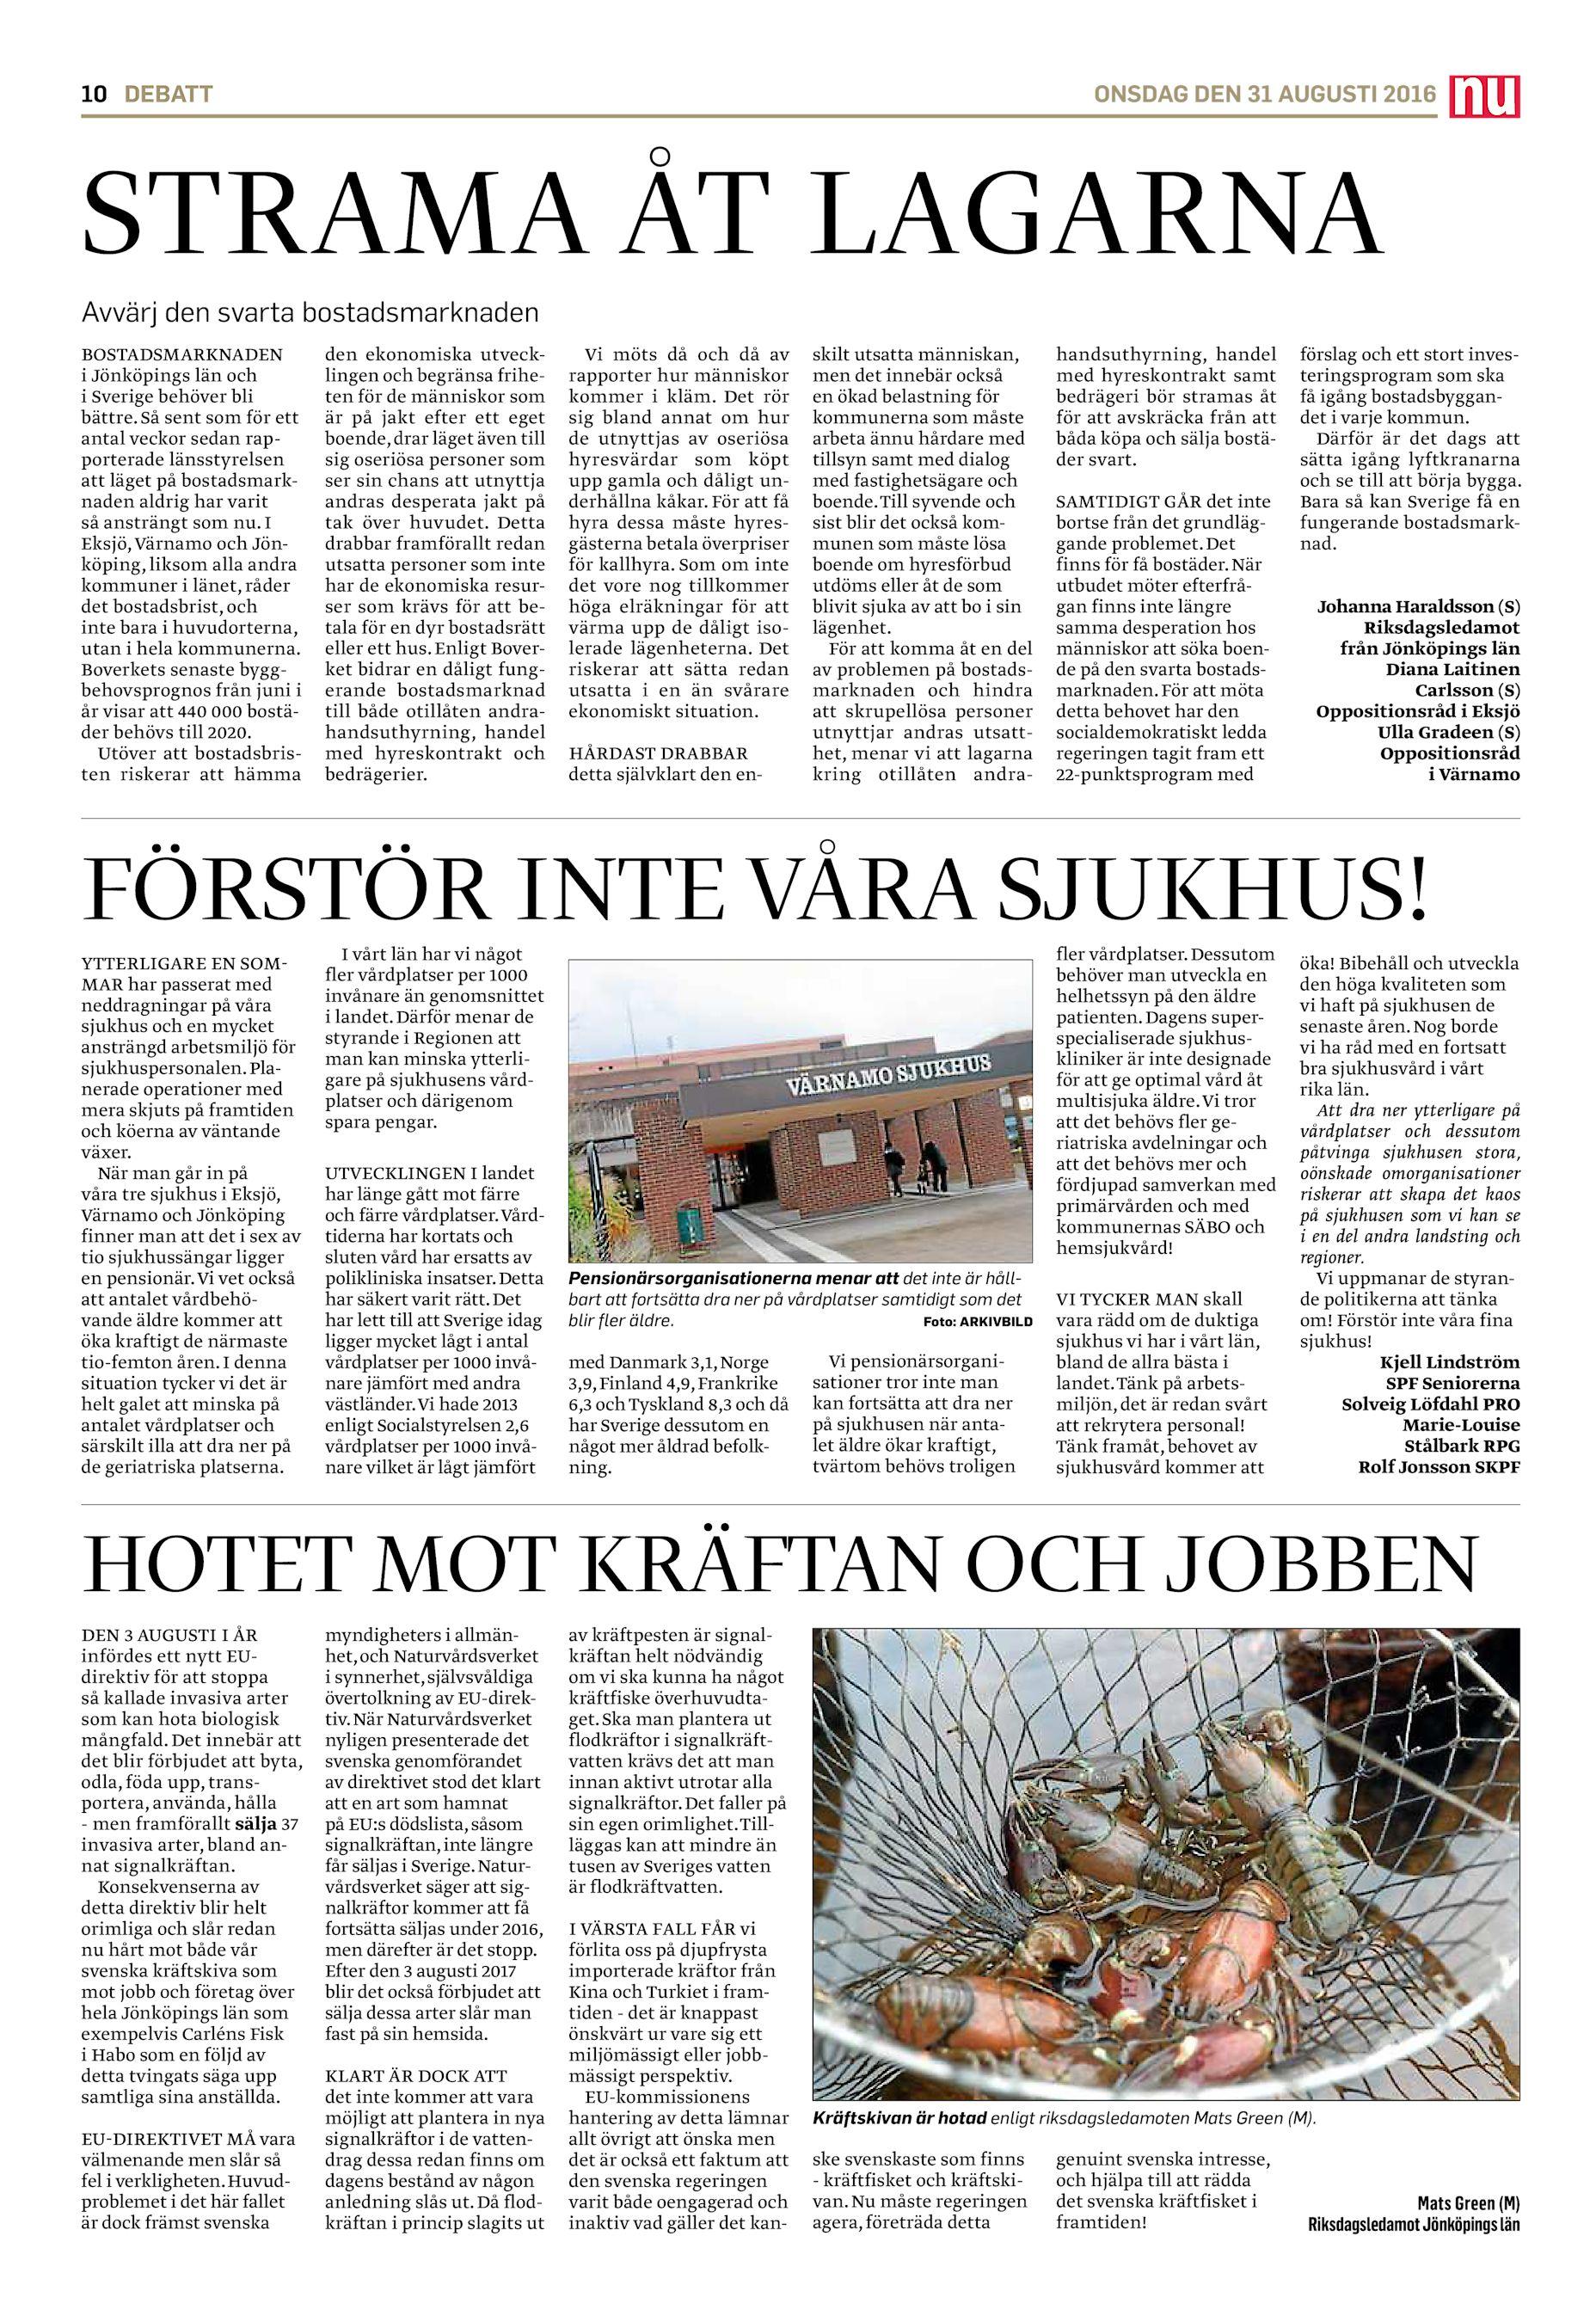 Svenska fjallstugor heta pa bostadsmarknaden